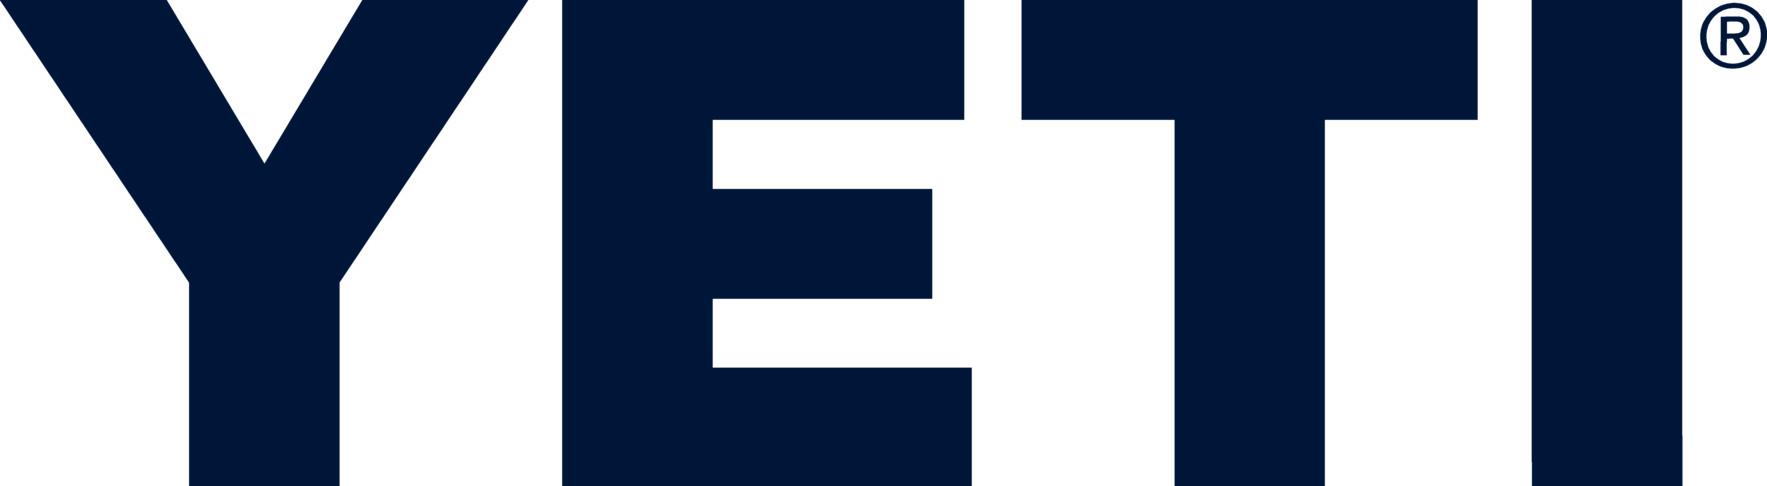 Navy-YETI-Logo-CMYK-Print.jpg